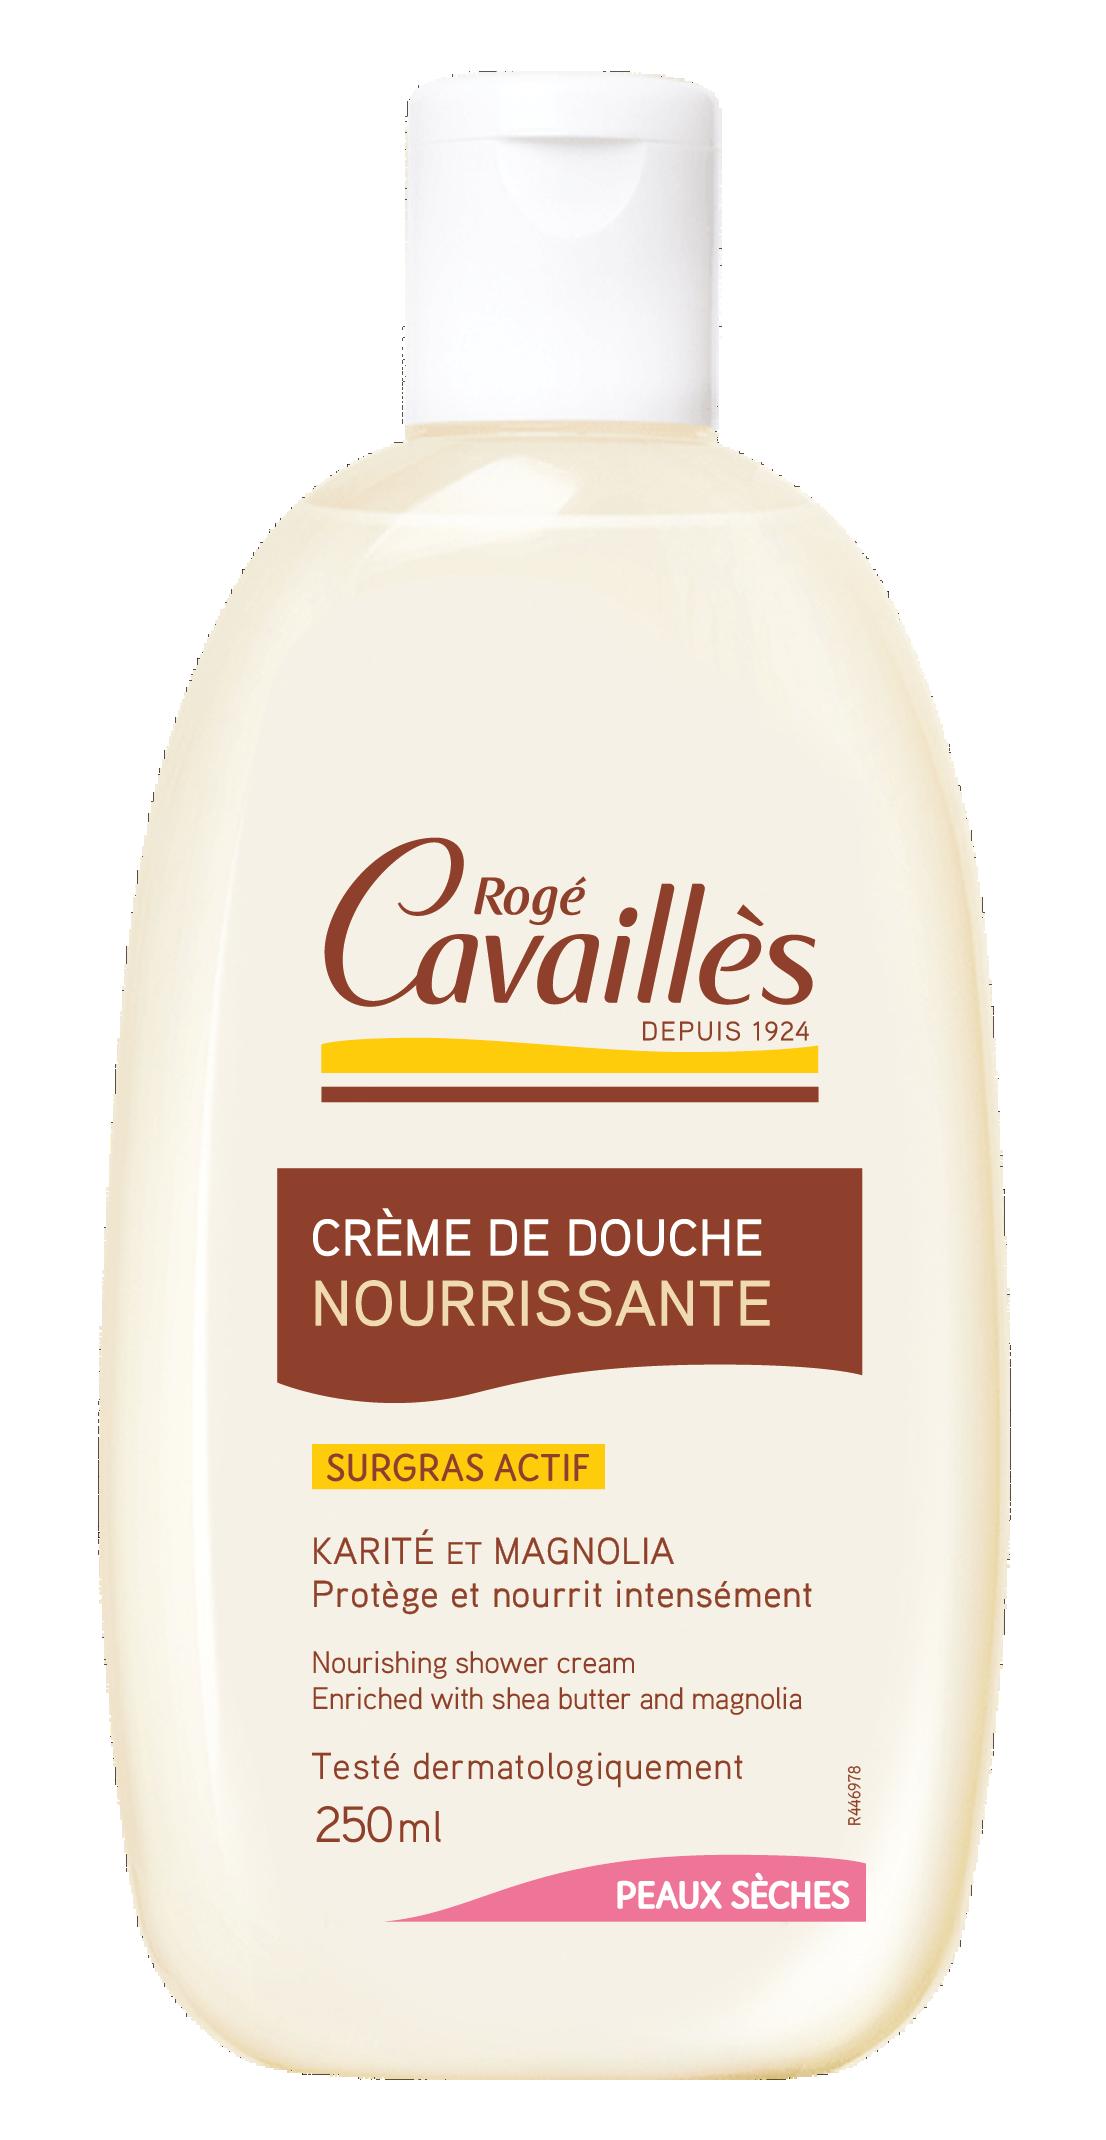 Creme De Douche Nourrissante Beurre De Karite Magnolia 250 Ml